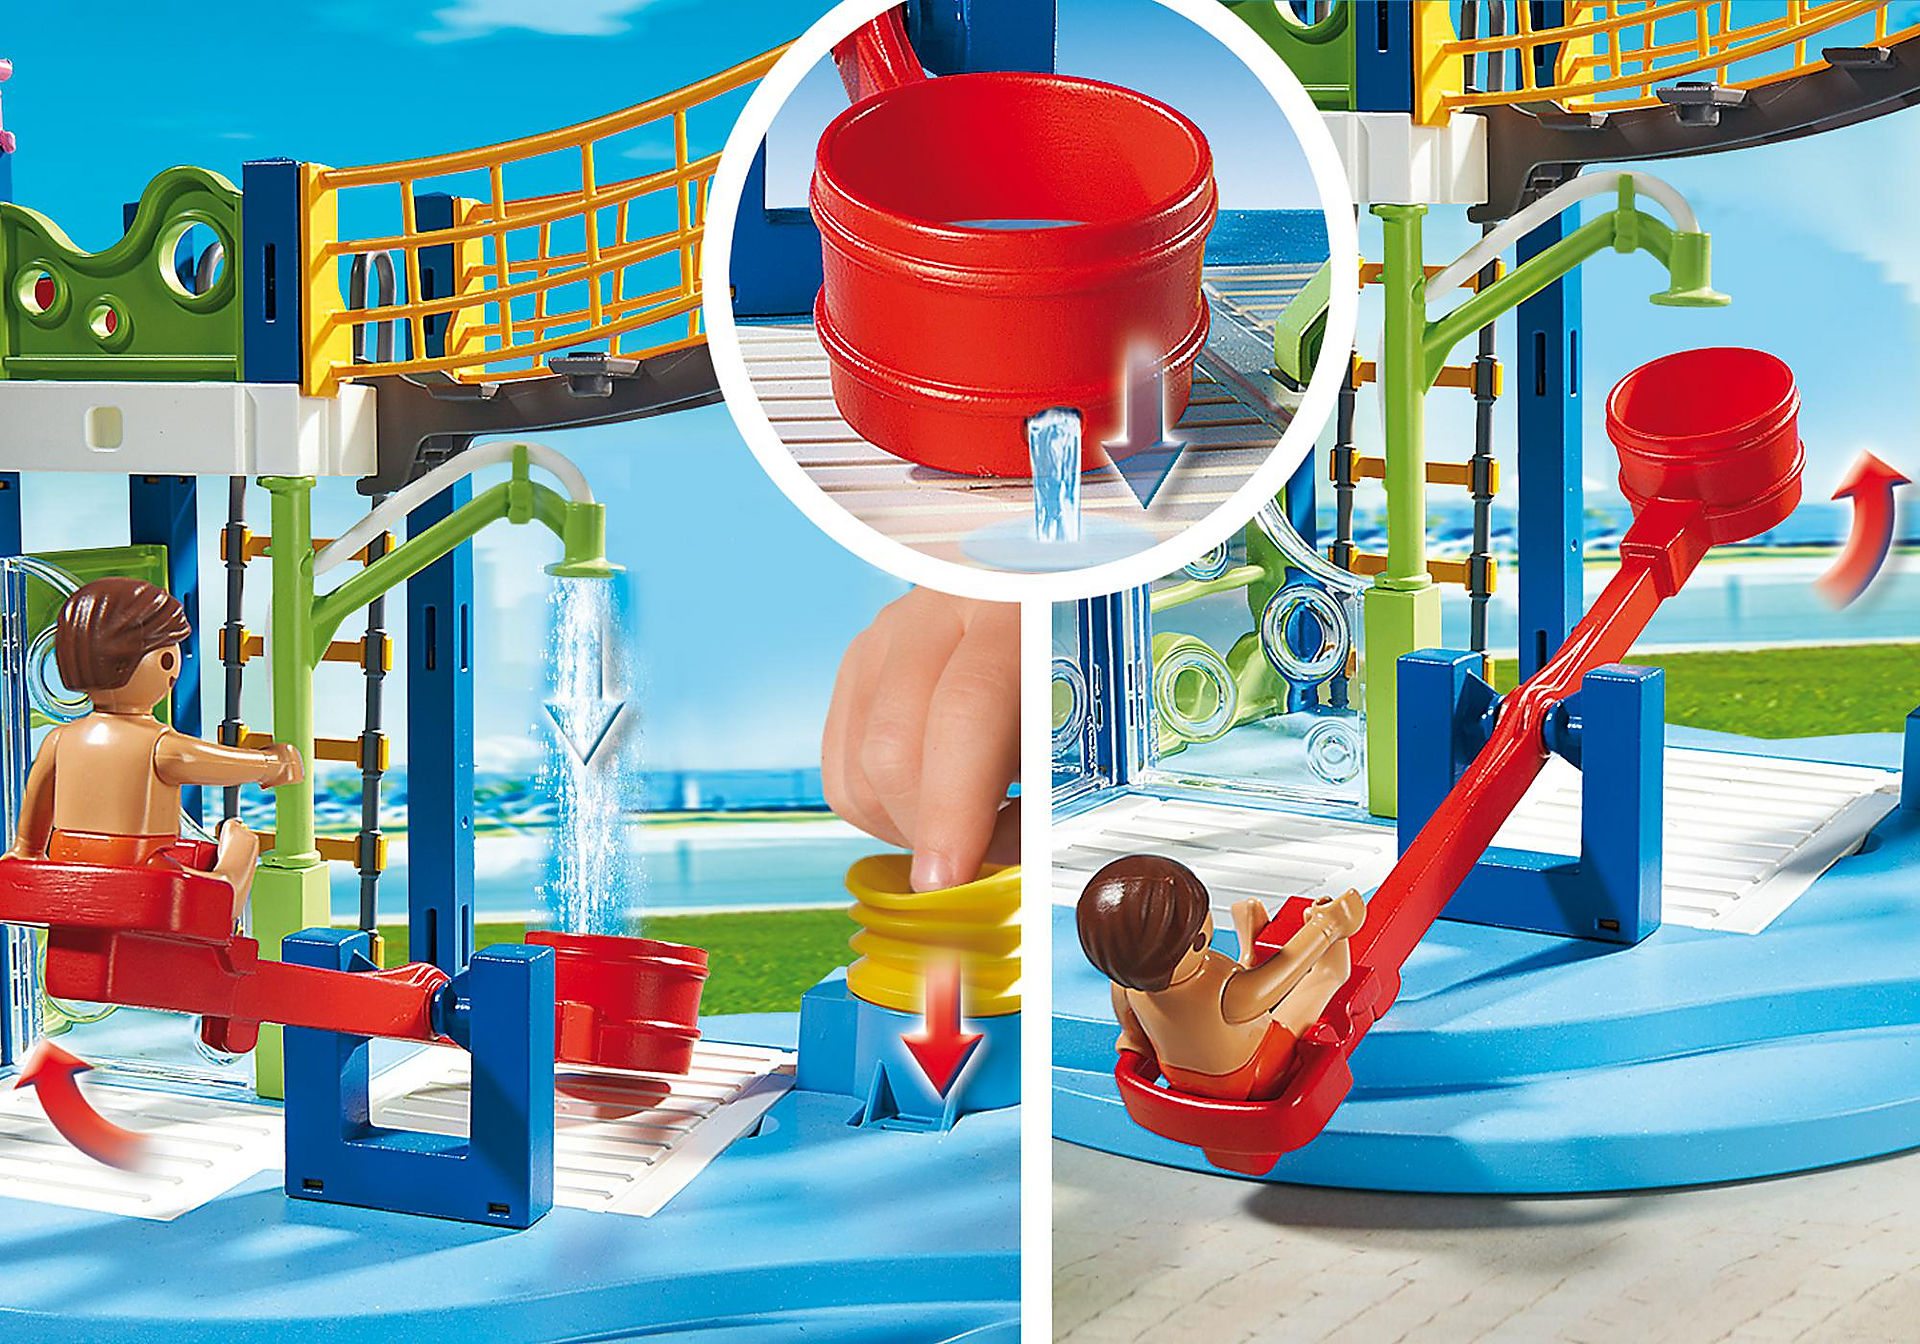 http://media.playmobil.com/i/playmobil/6670_product_extra1/Área de Brincadeiras Aquáticas